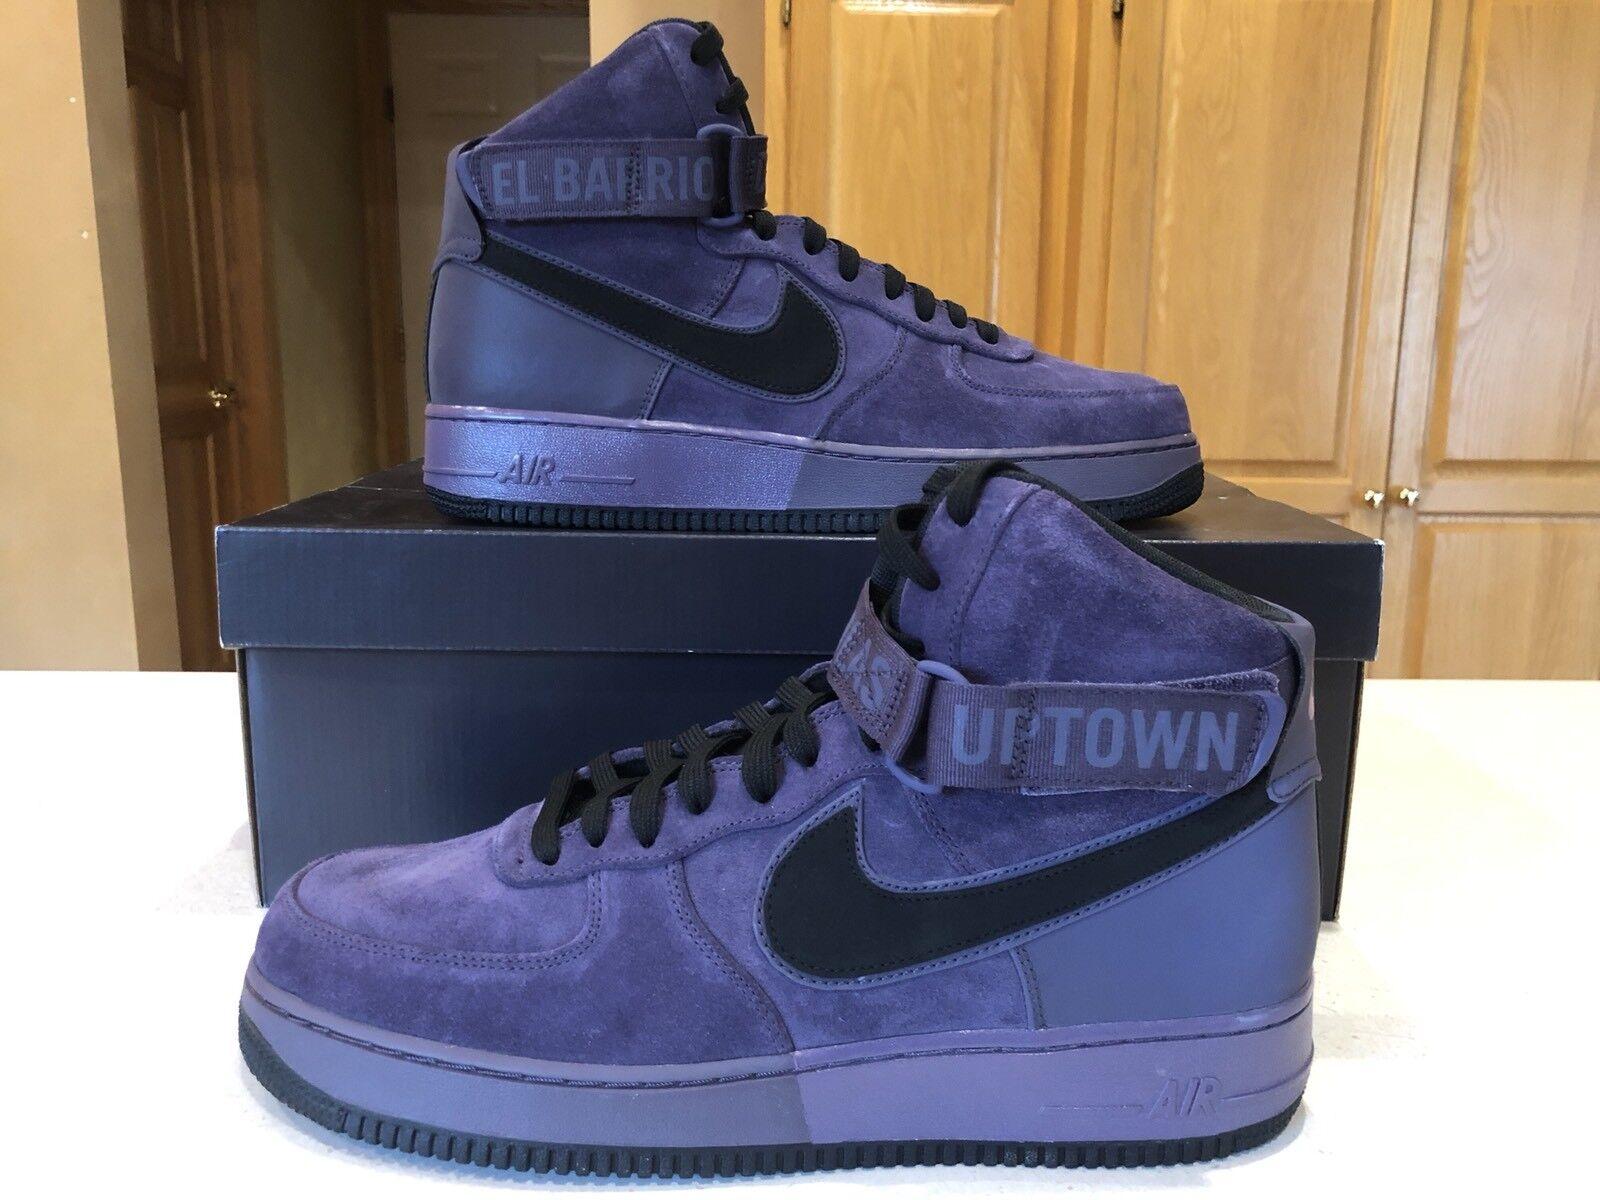 Mens Nike AIR FORCE 1 HIGH -RARE '07 QS Shoes